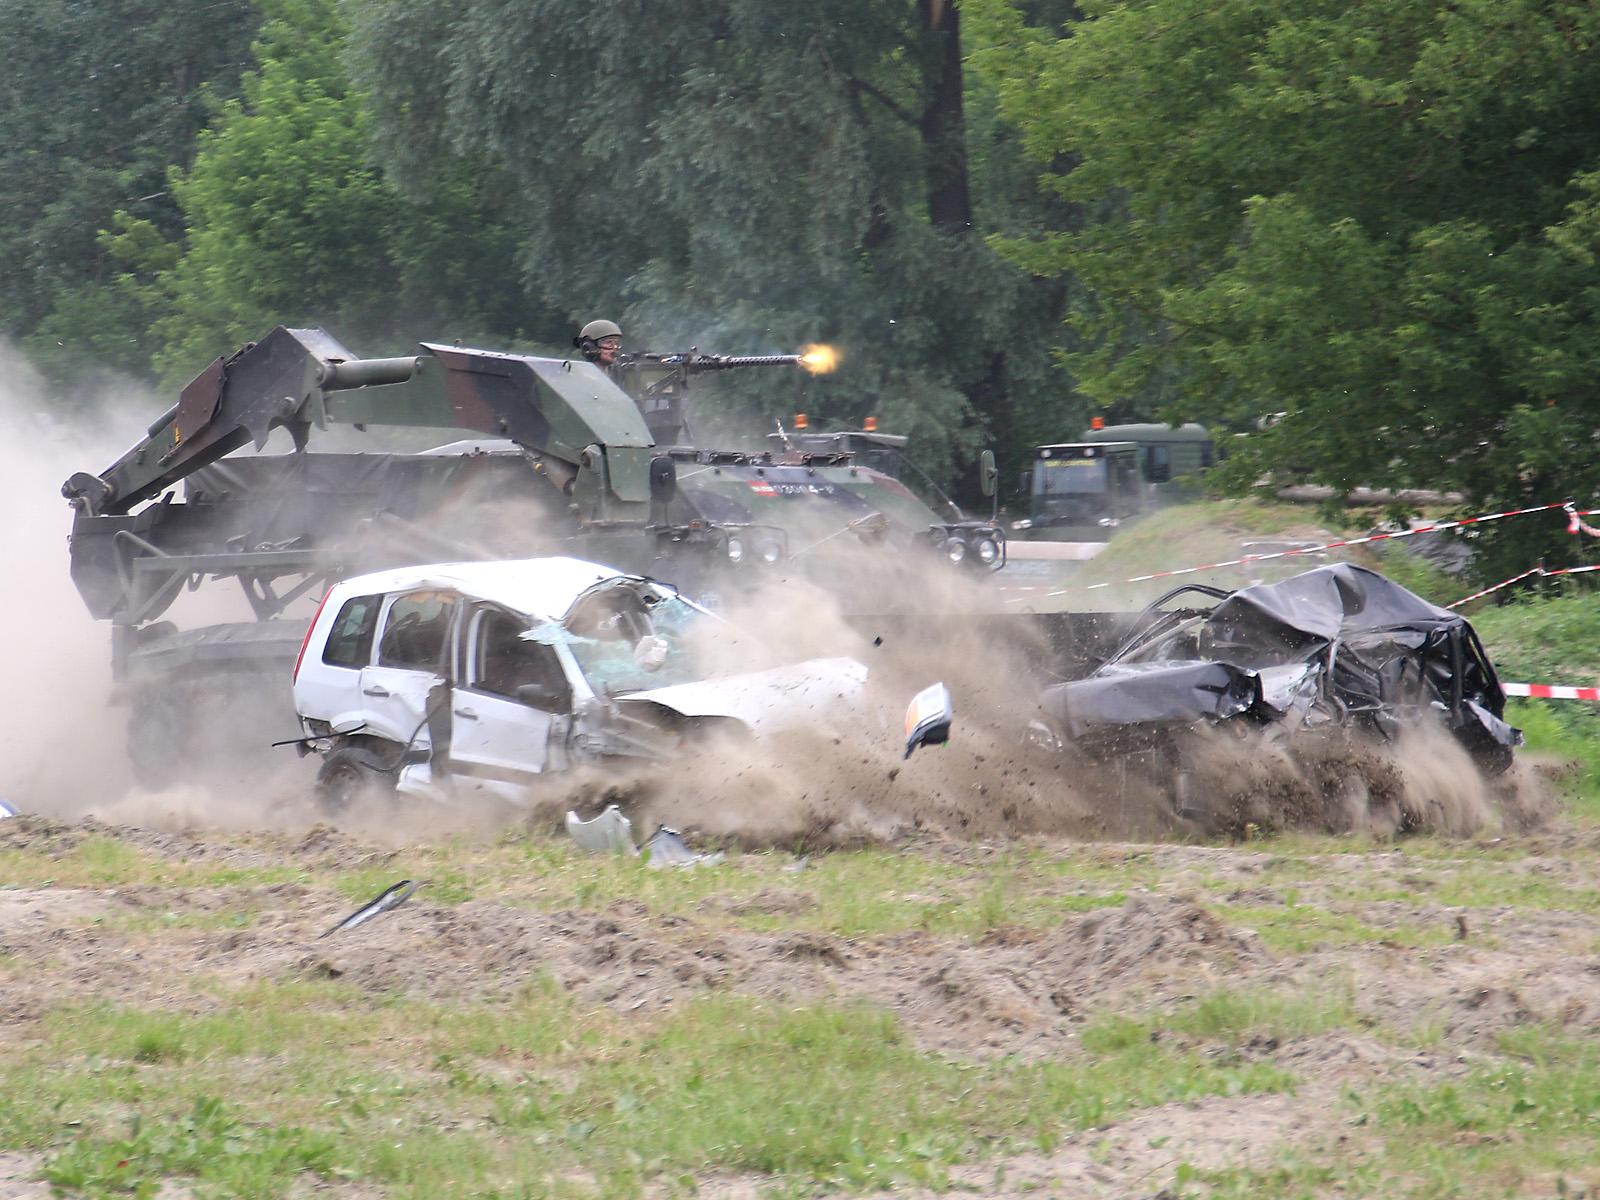 Pionierpanzer A1 durchbricht eine Sperre © Doppeladler.com